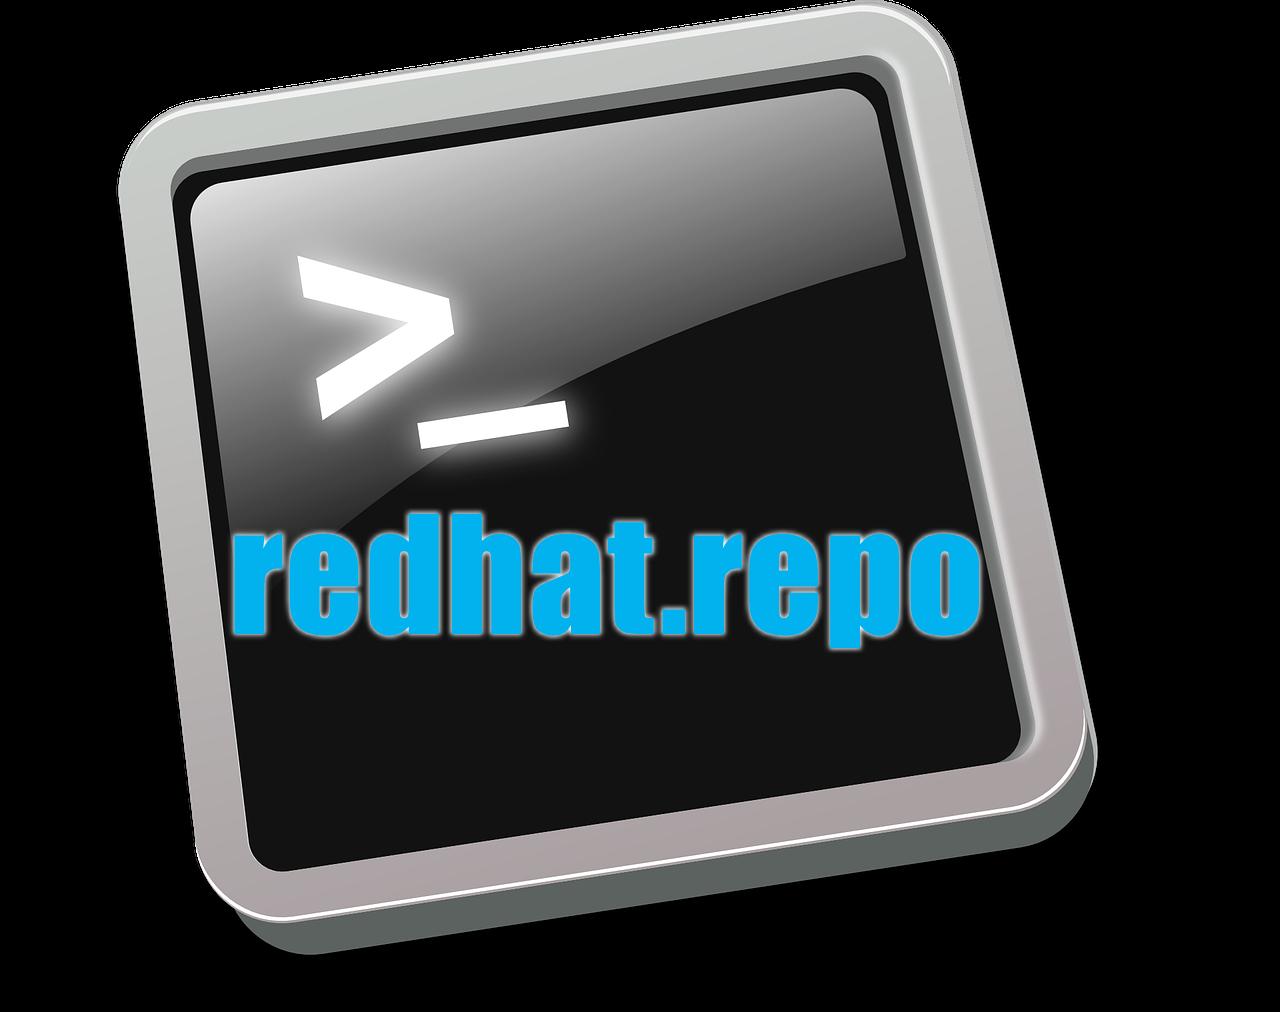 自動生成する「redhat.repo」ファイルの「enabled=」編集が元に戻る問題を解決